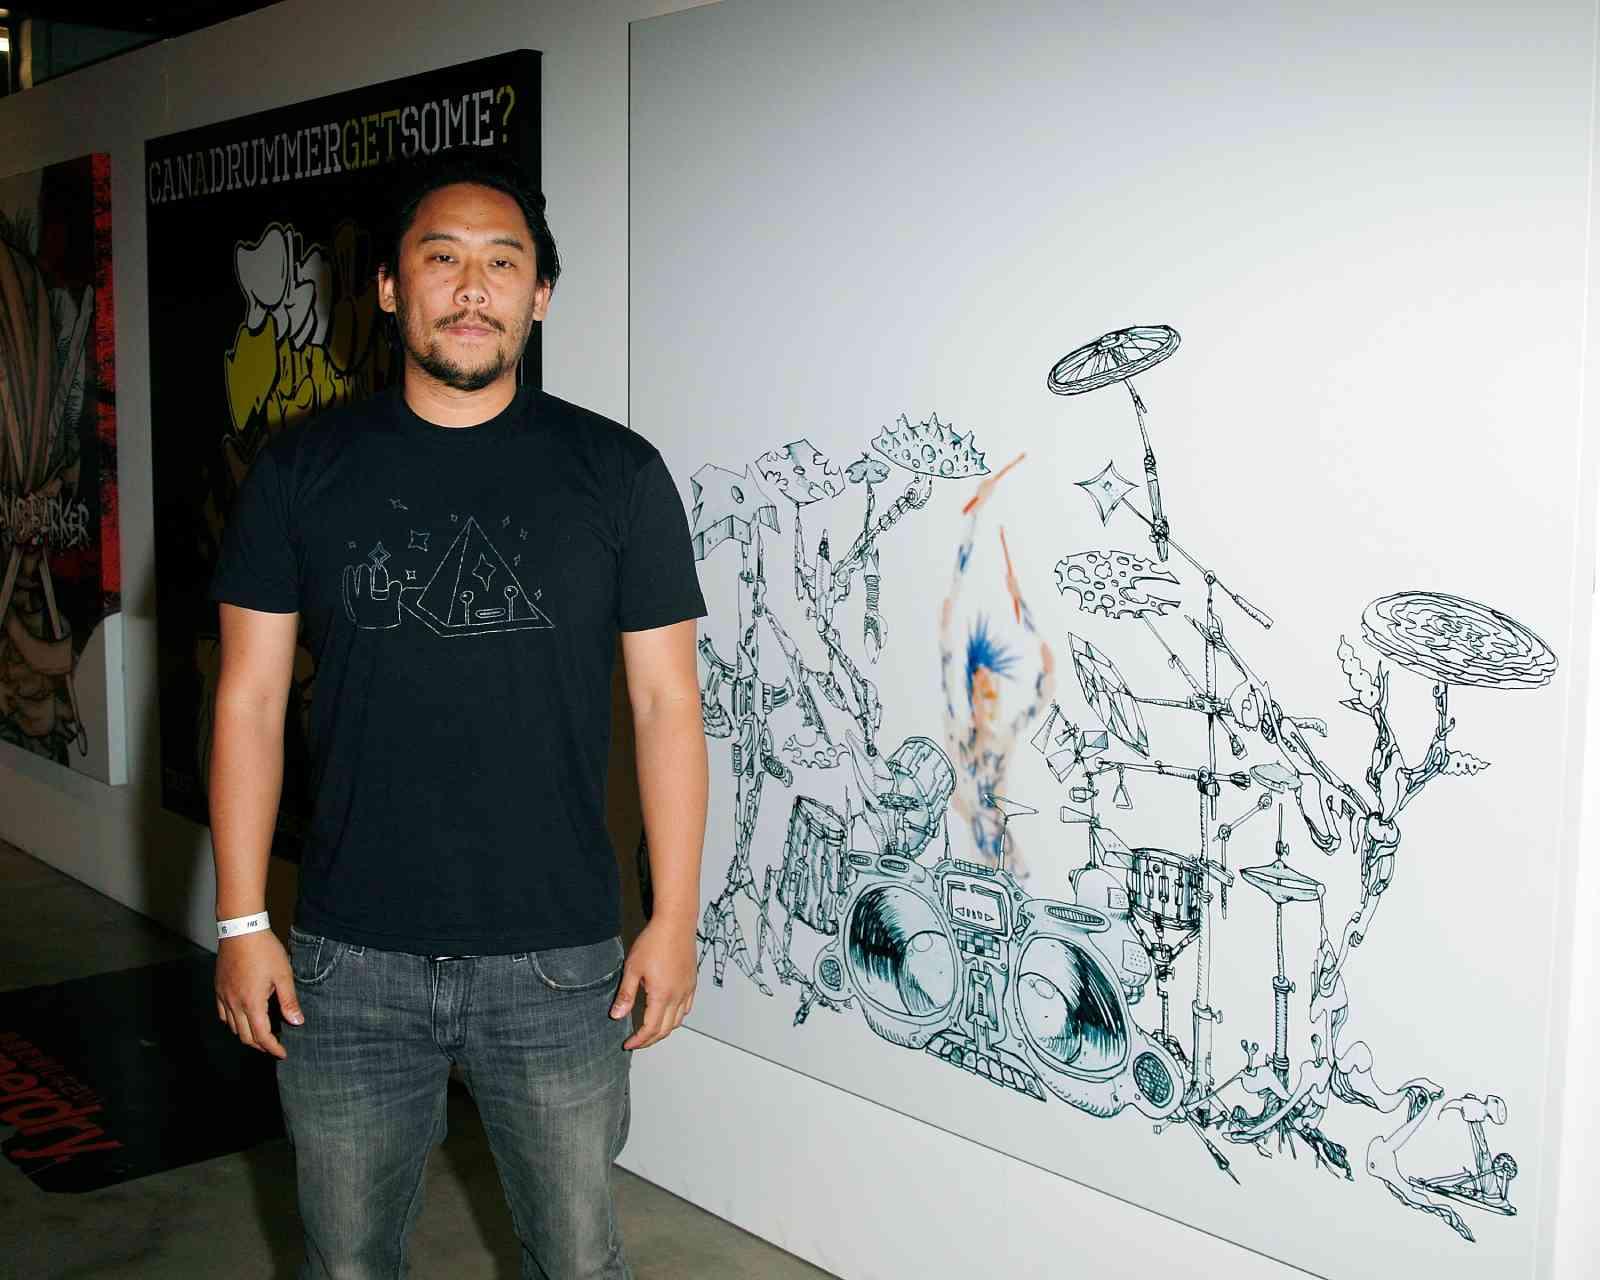 Artis David Choe